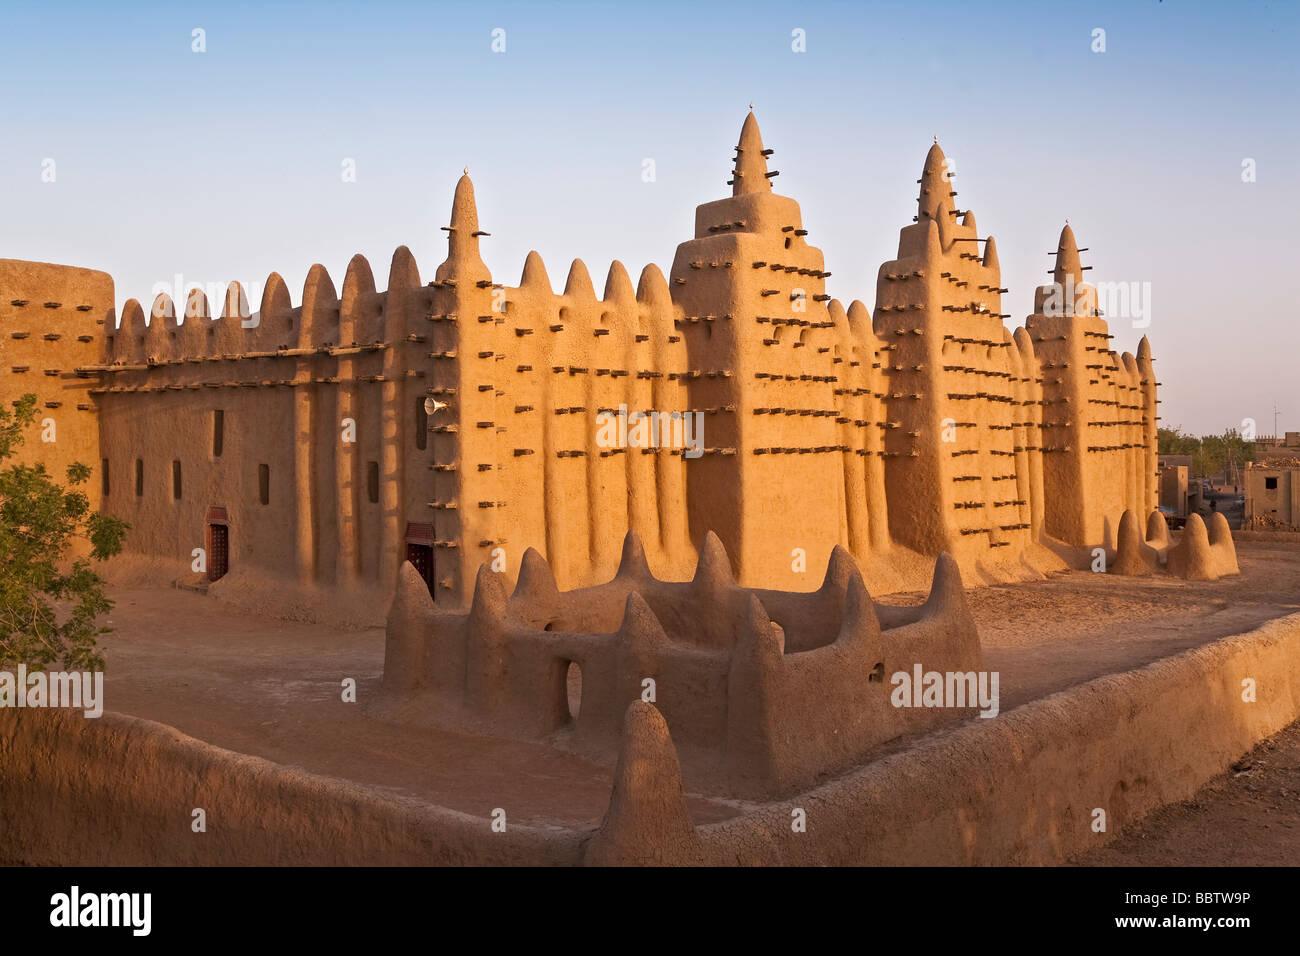 Große Moschee von Djenne, Djenné, Mopti Region, Niger im Landesinneren Delta, Mali, Westafrika Stockbild